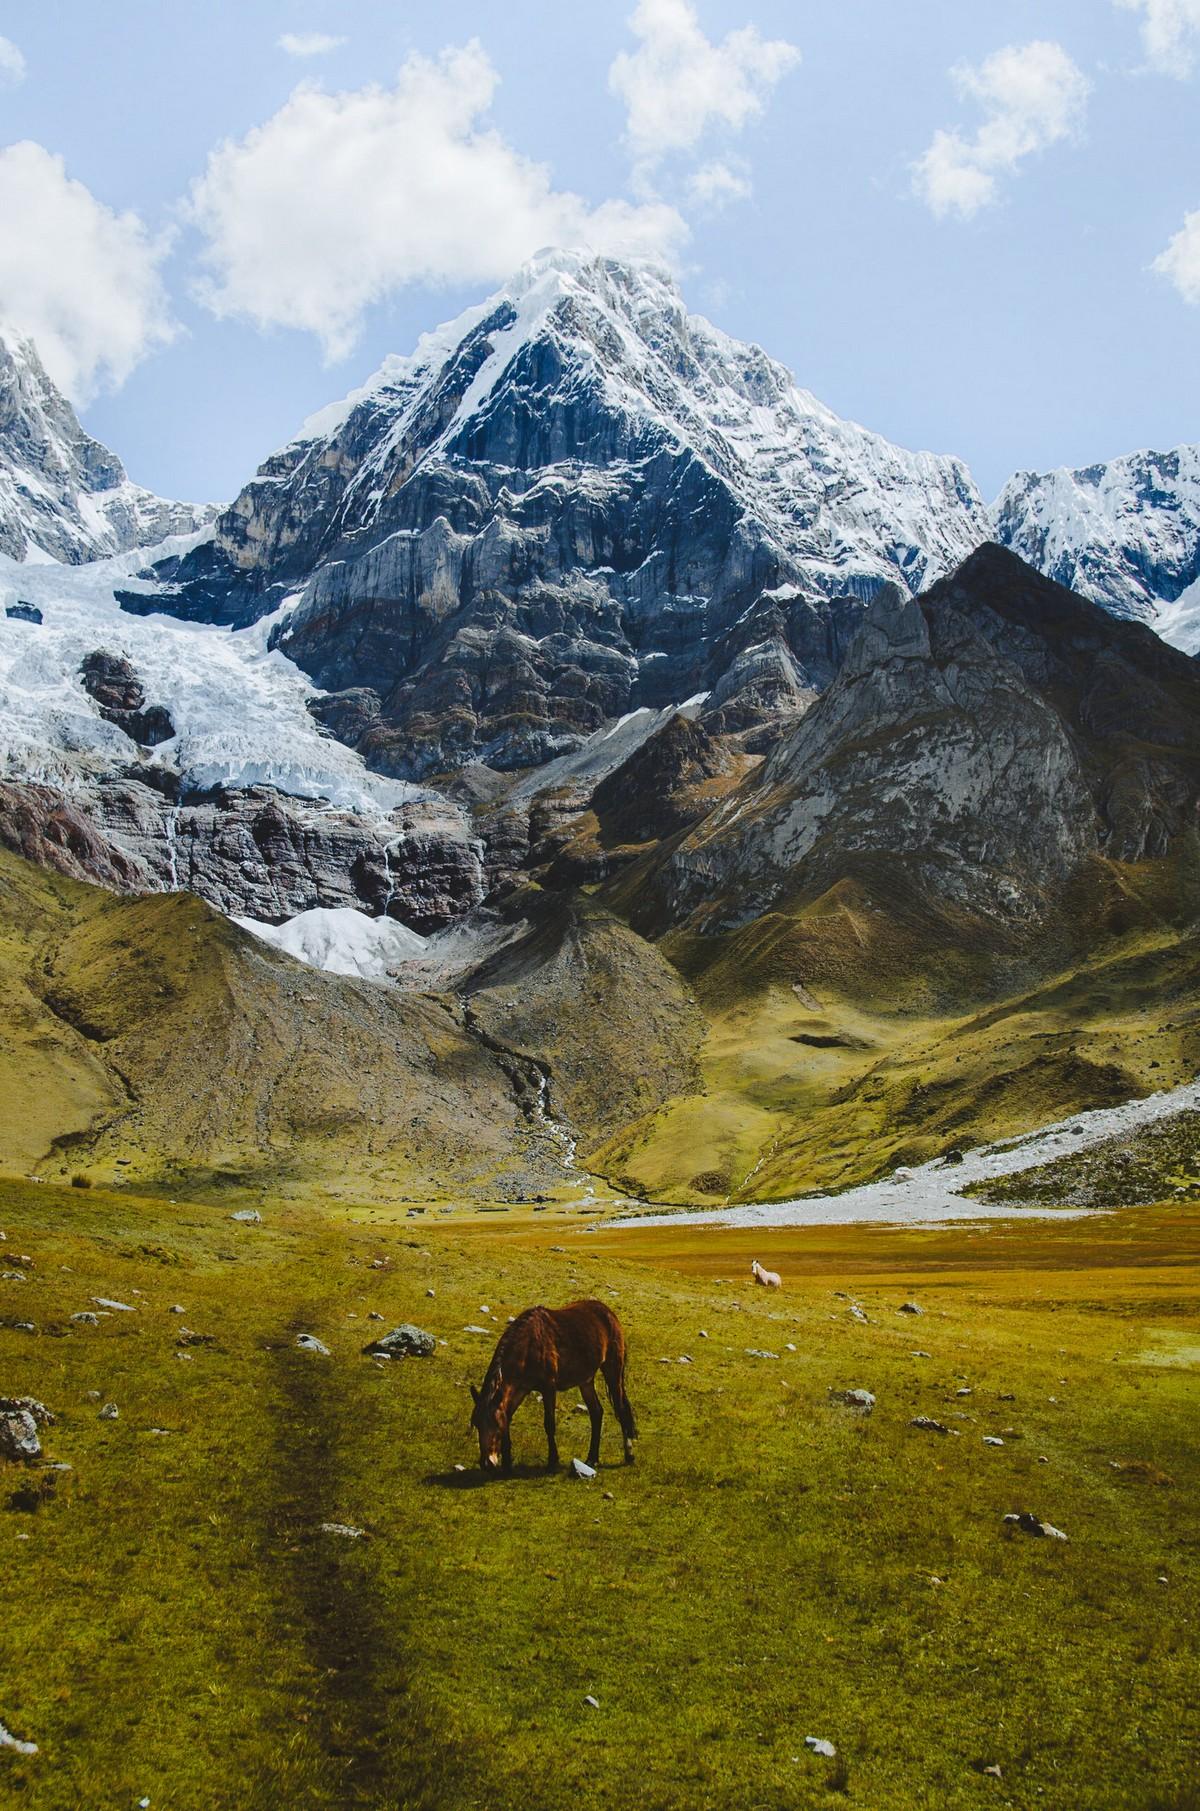 Горные пейзажи: фотографии Люка Корнжевски